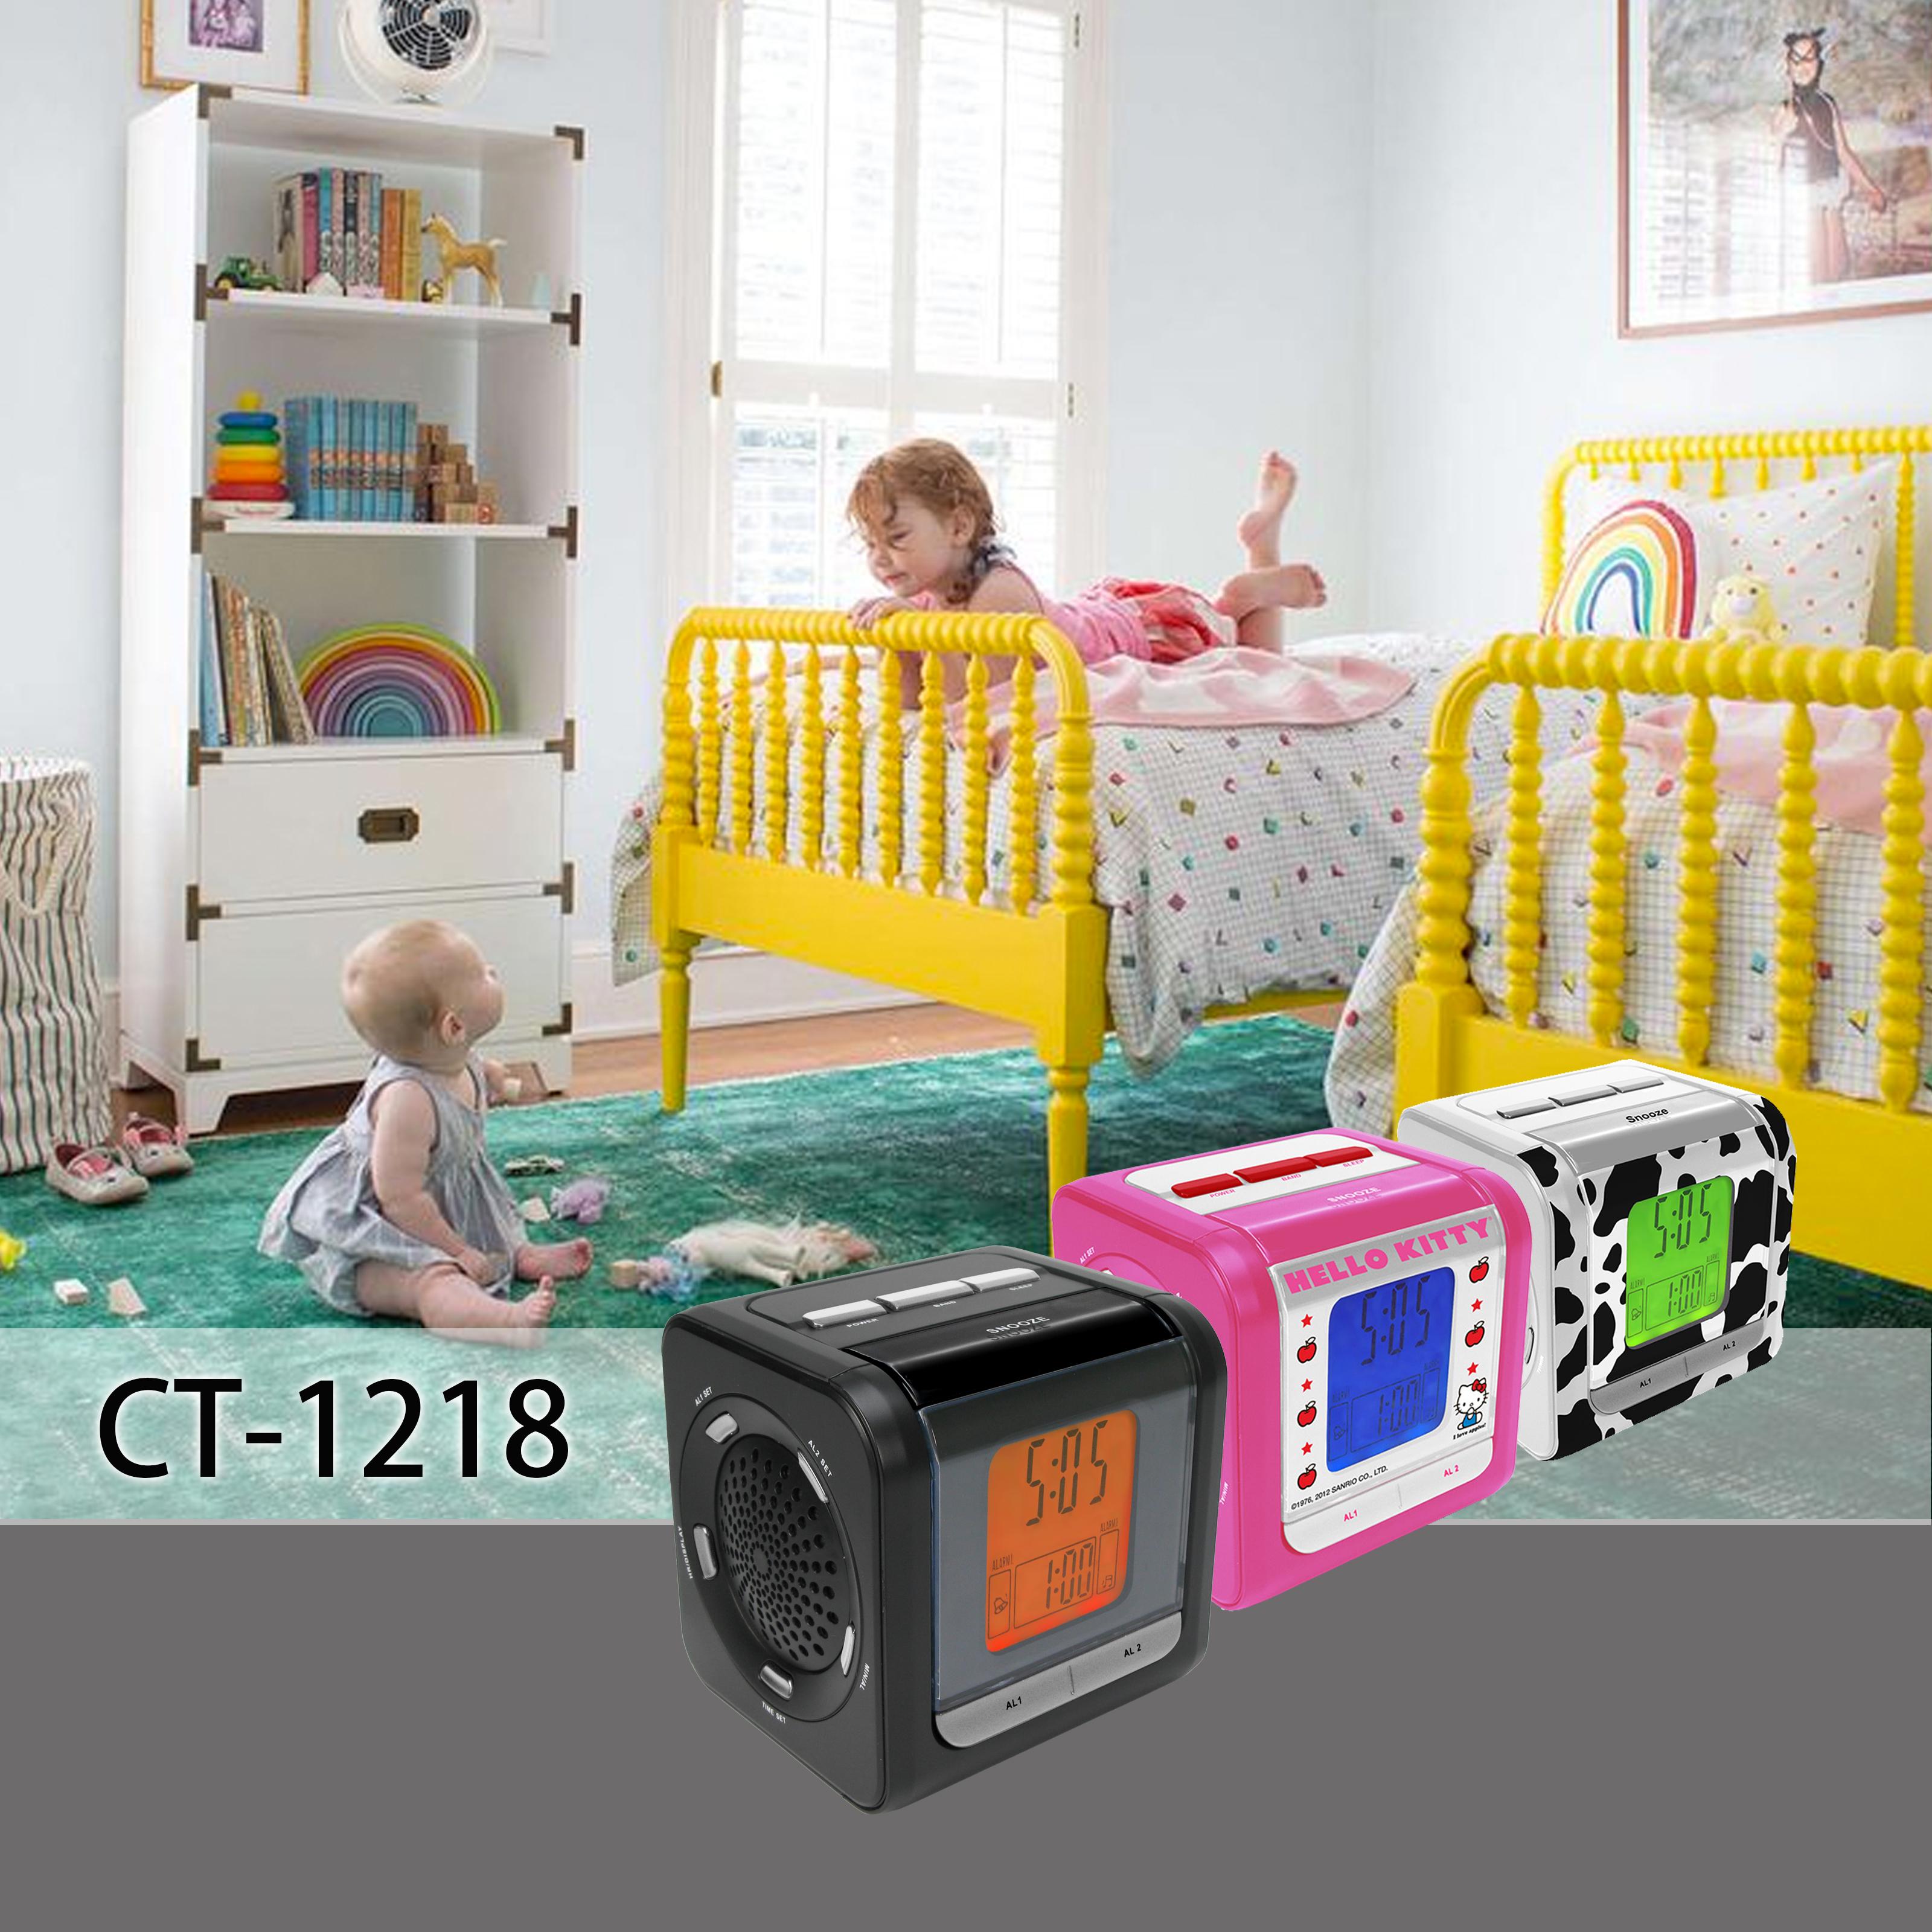 CT-1218 bedroom .jpg